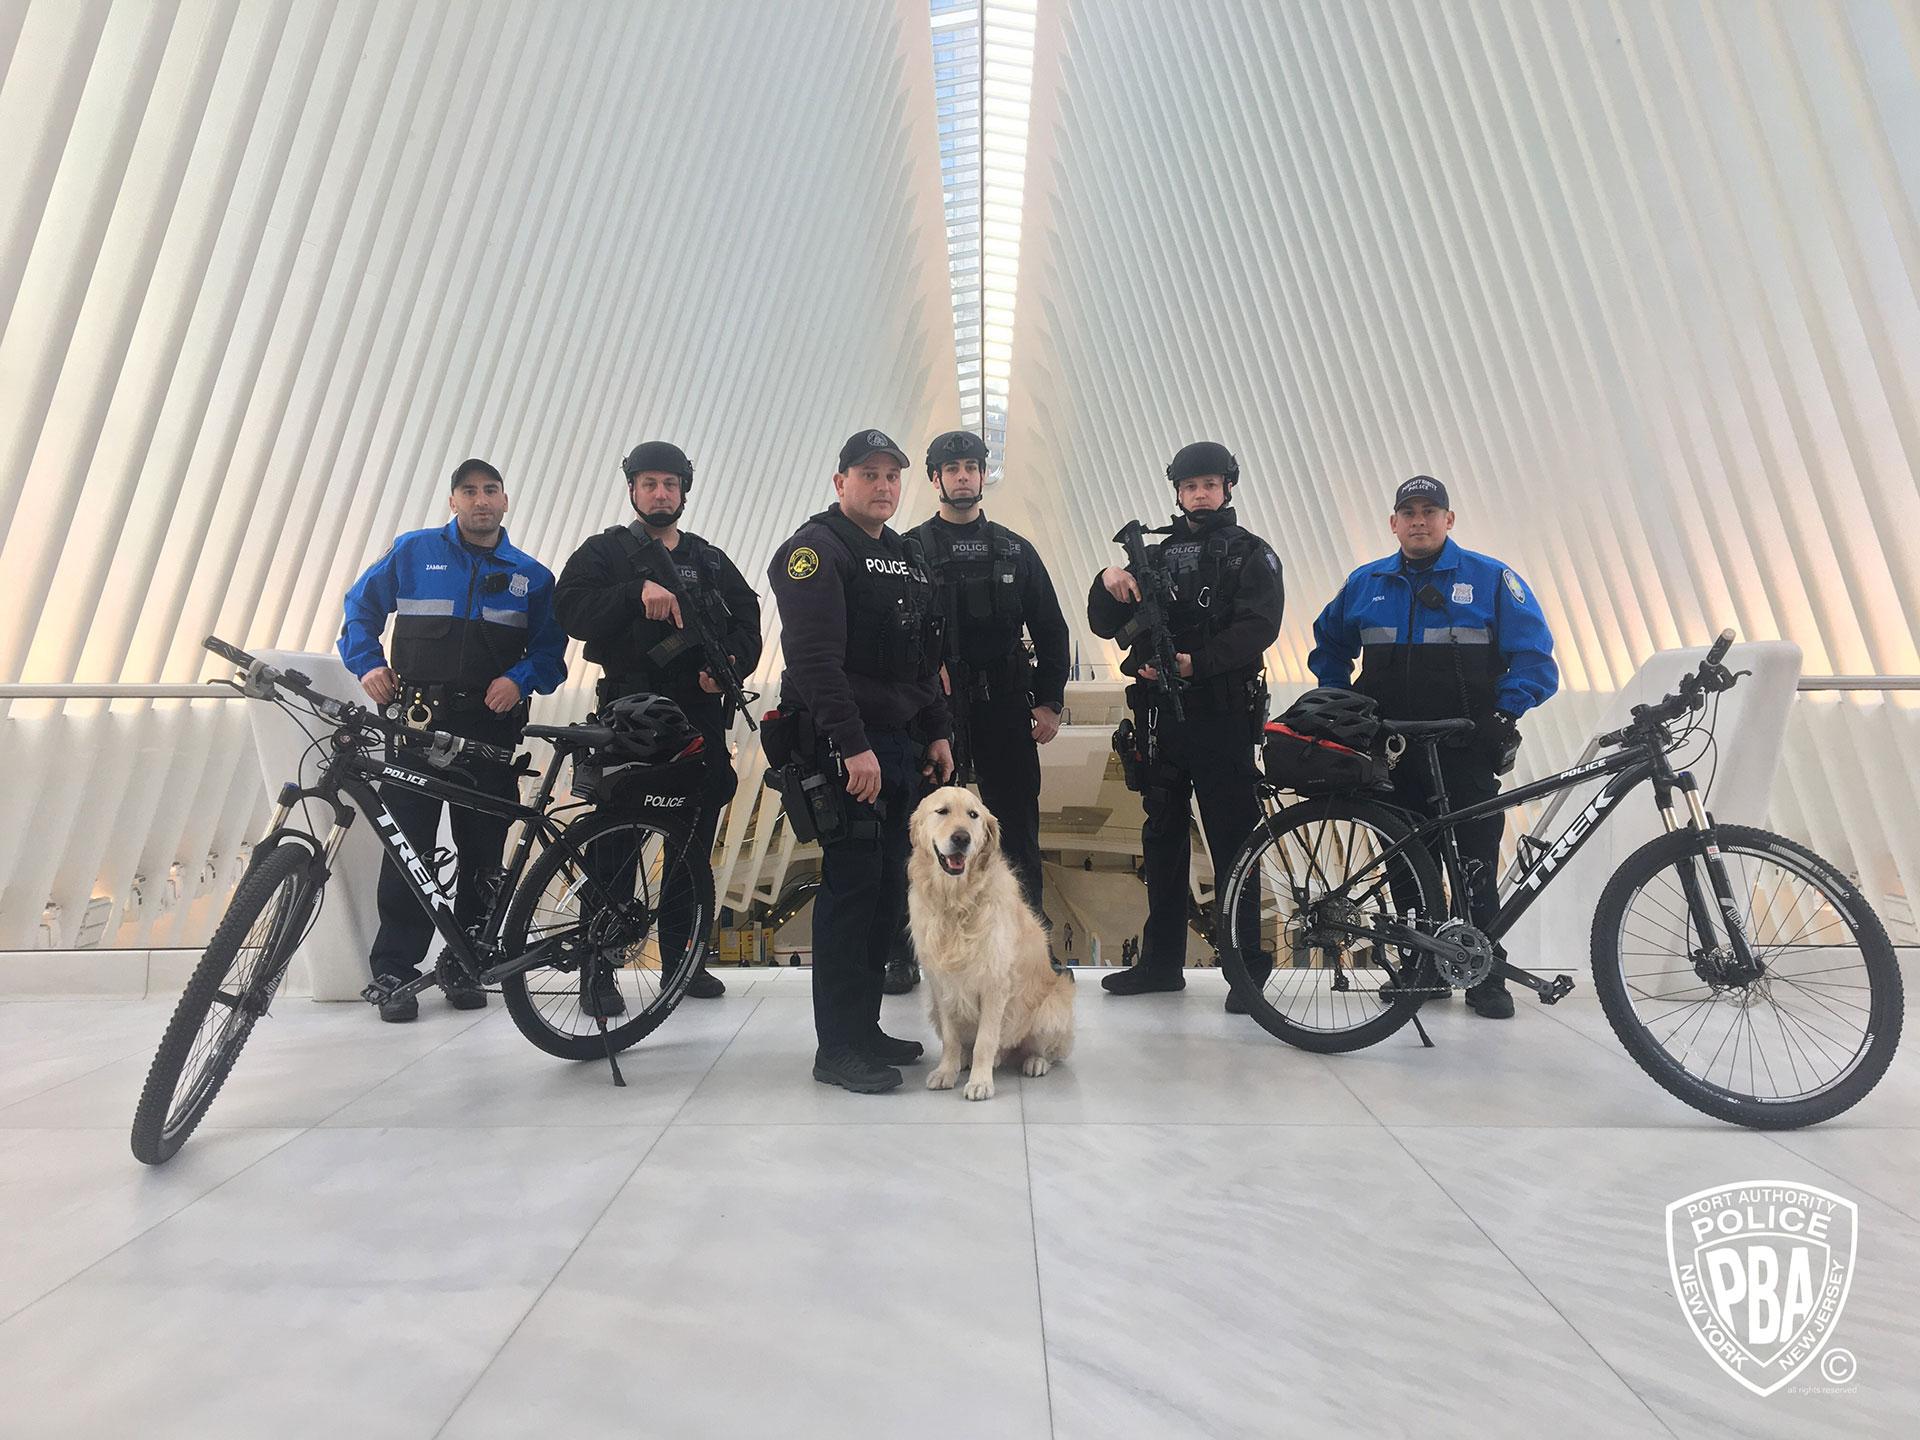 WTC01